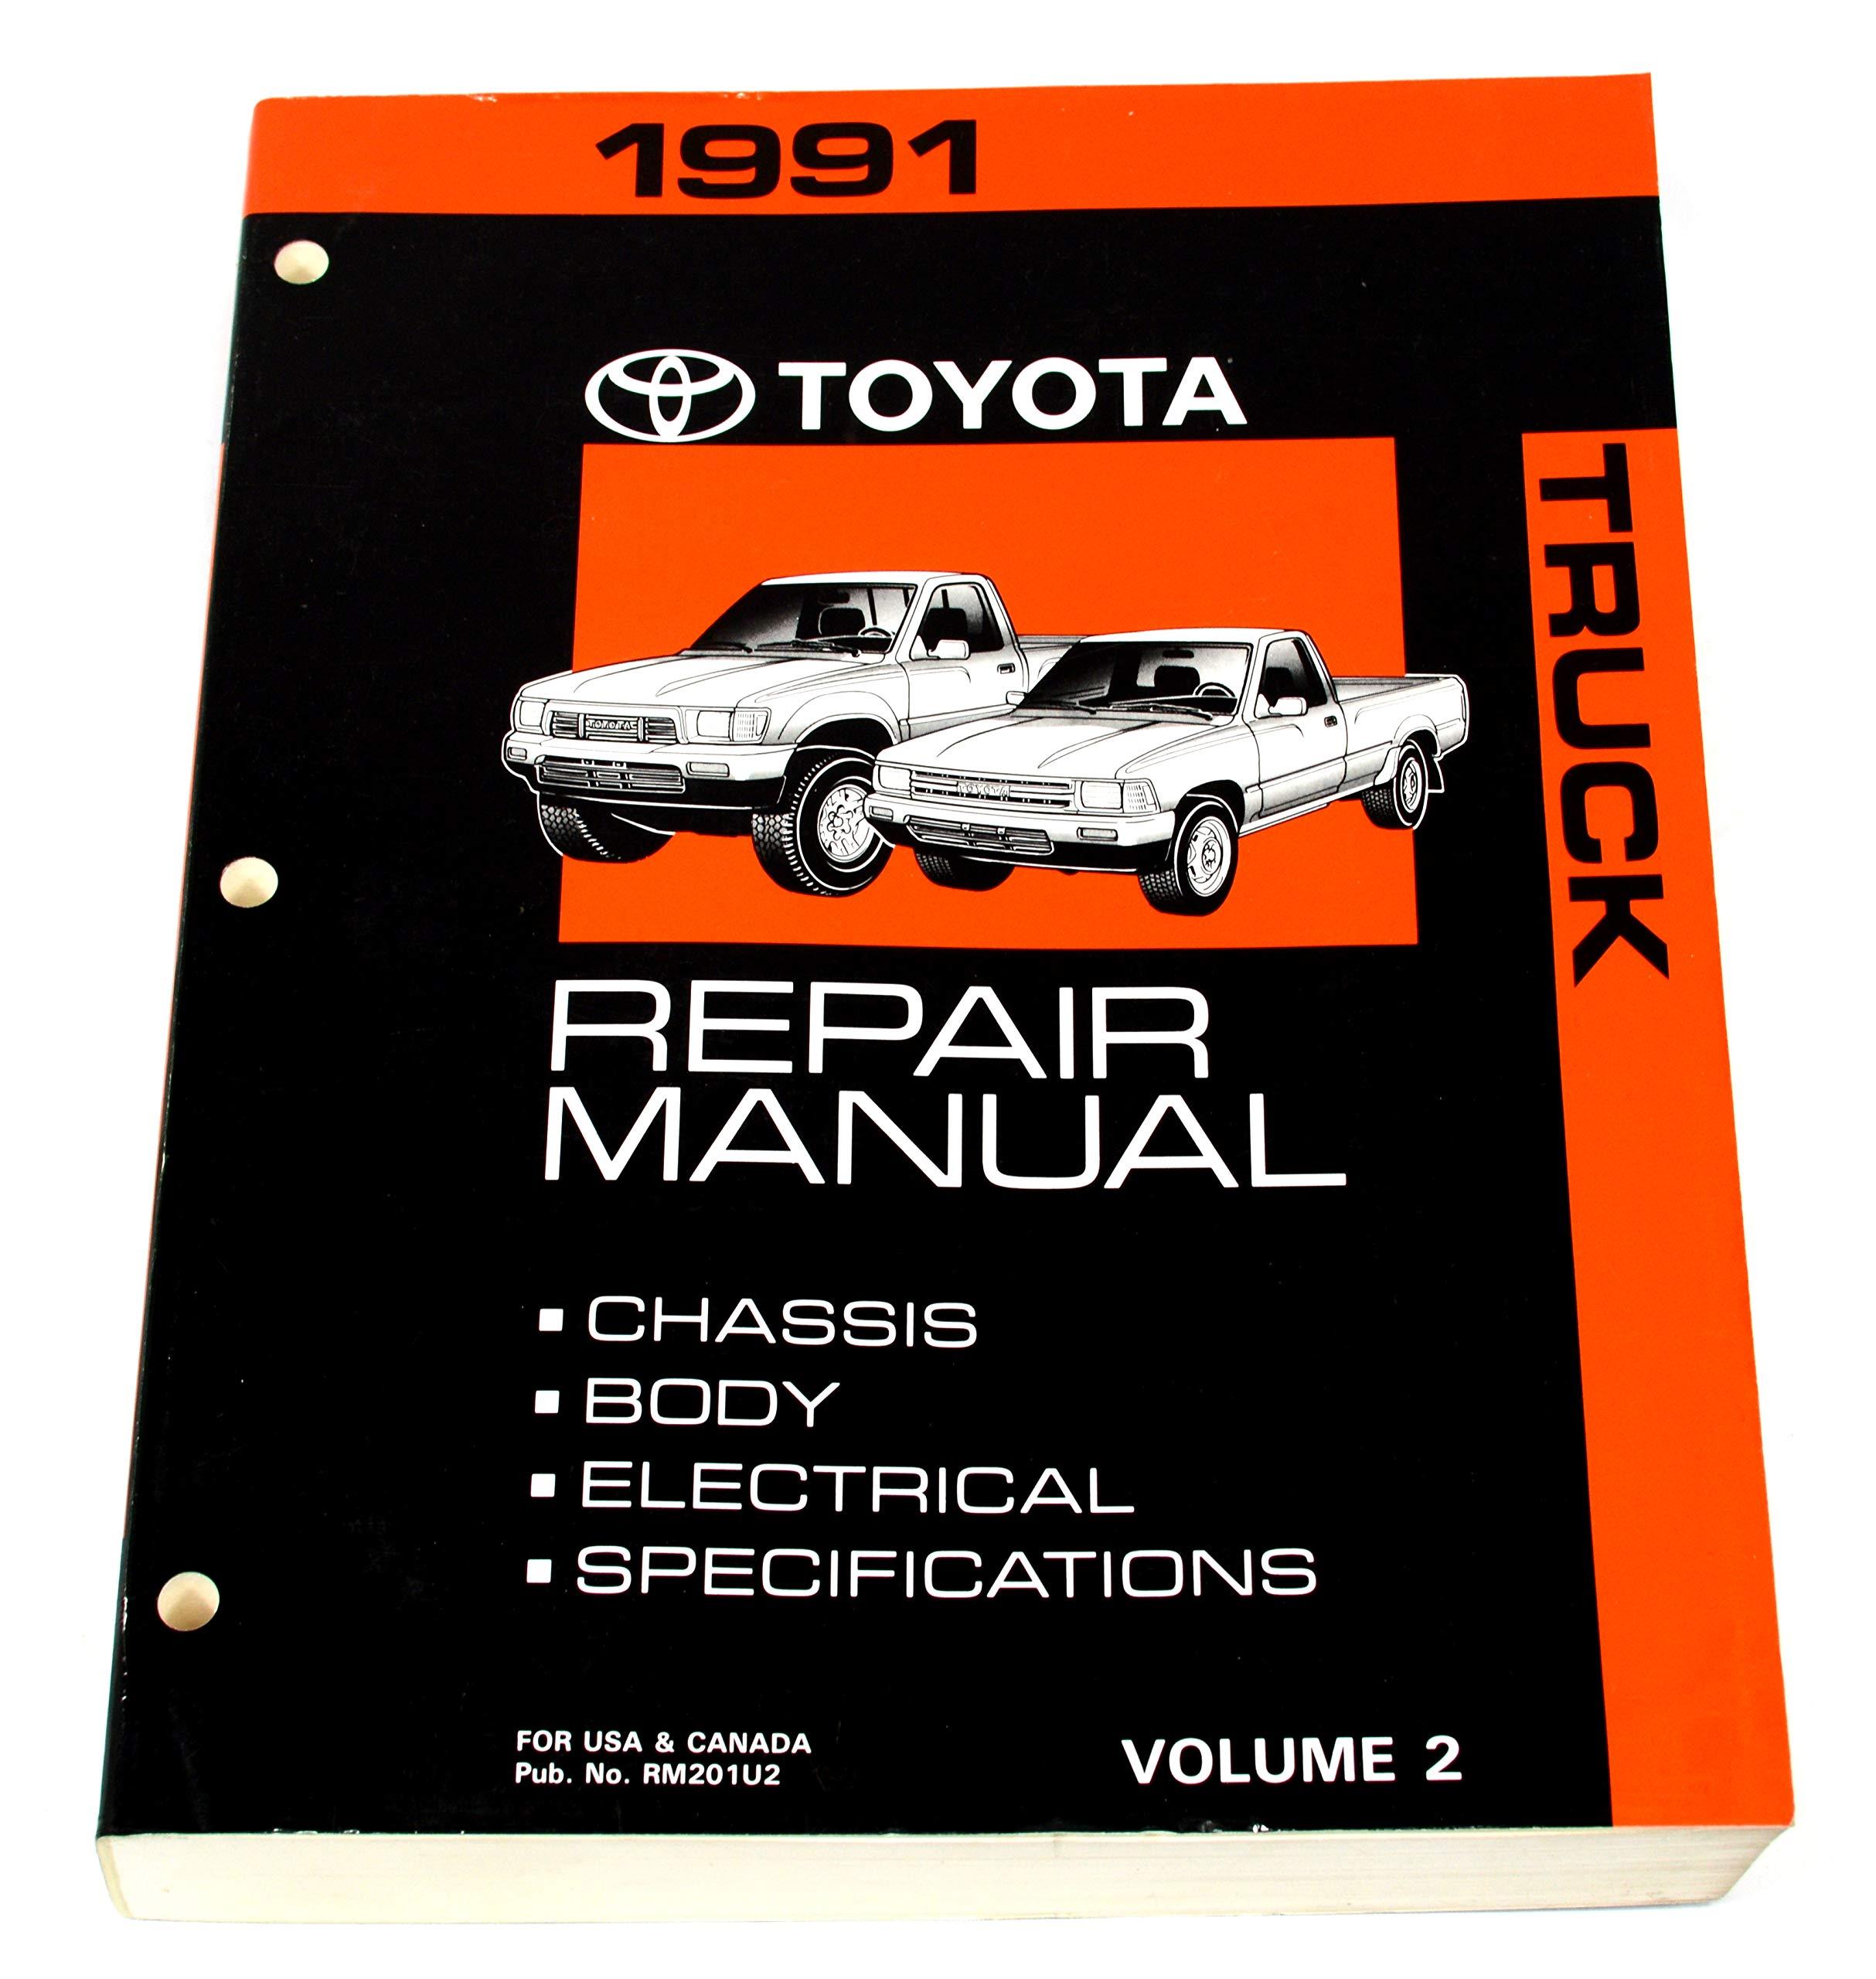 1991 toyota truck repair manual